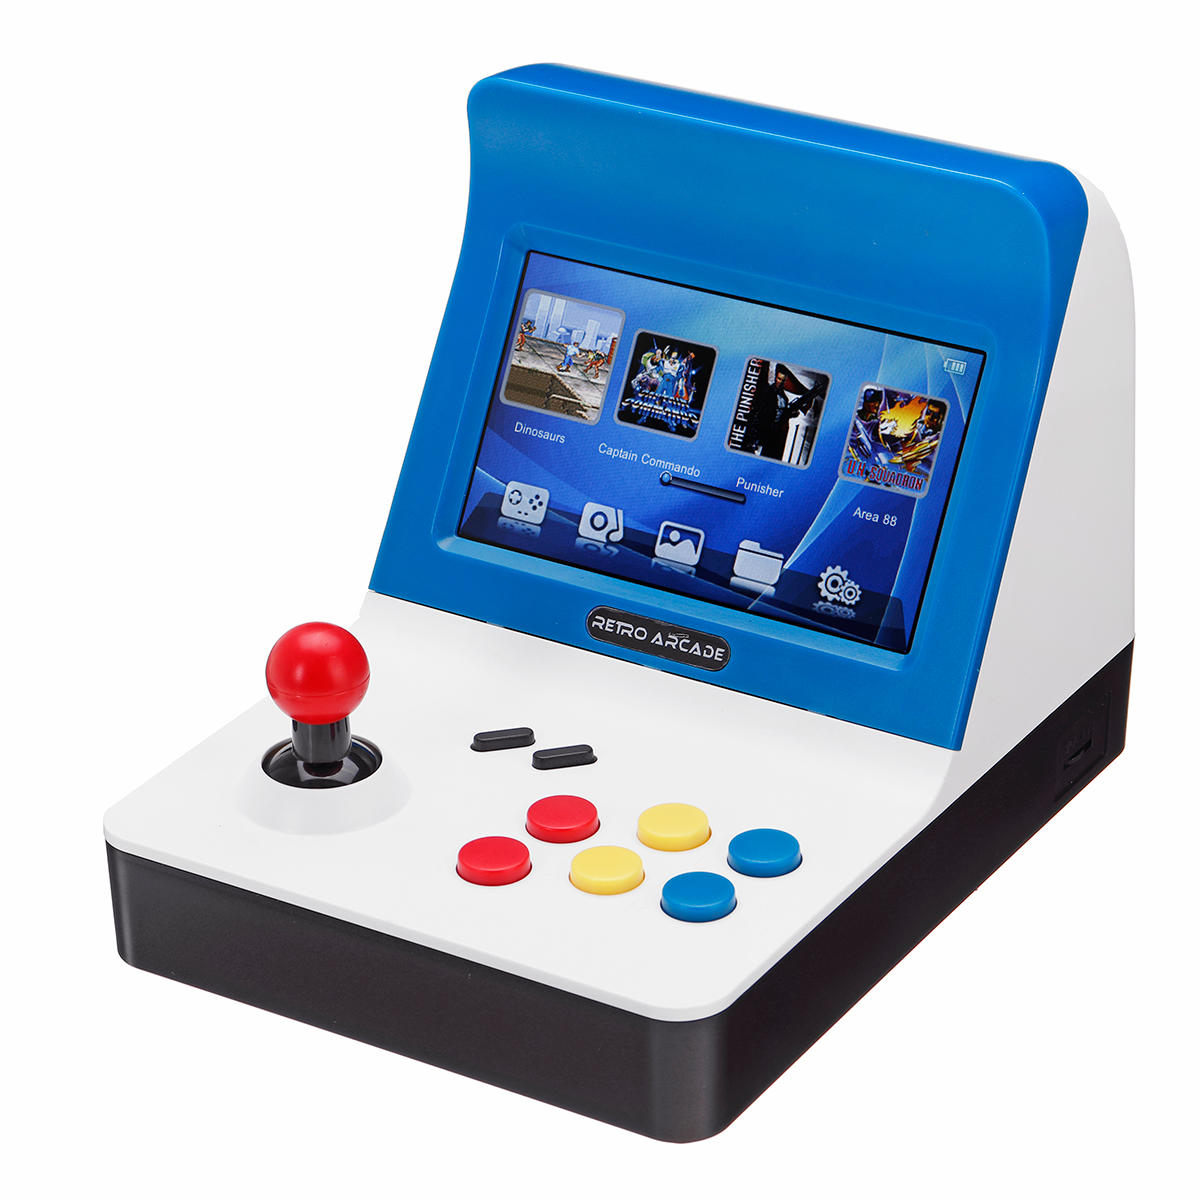 NEOGEO Retro Arcade Mini Handheld Game Console 3000 Classic Video Games